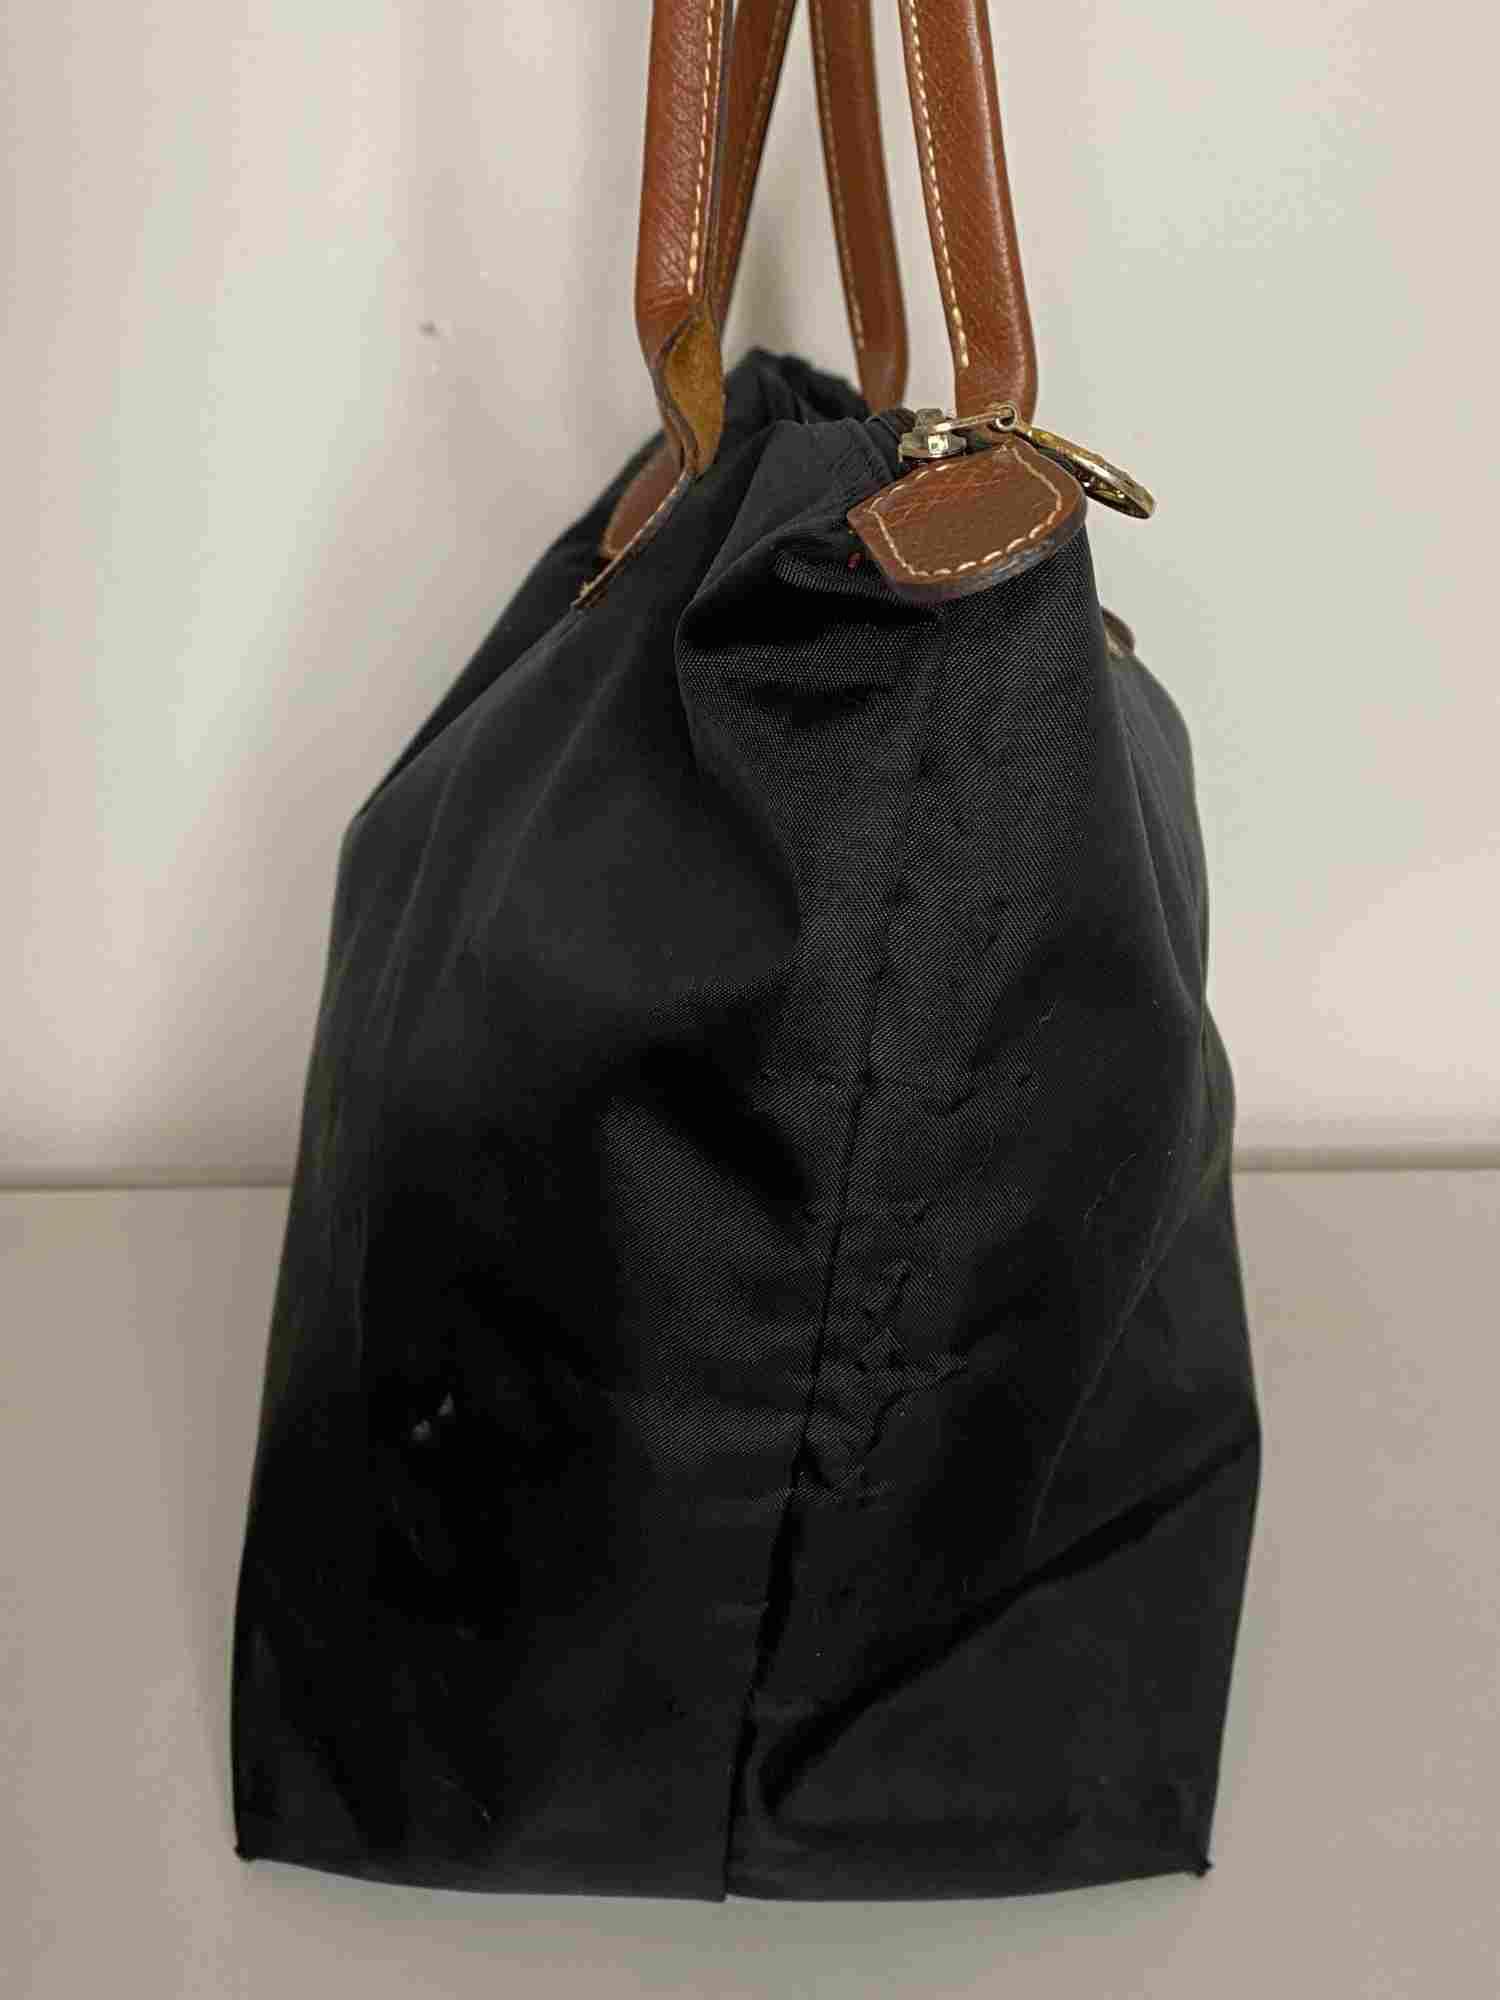 Bolsa Longchamp Le Pliage Preta Grande